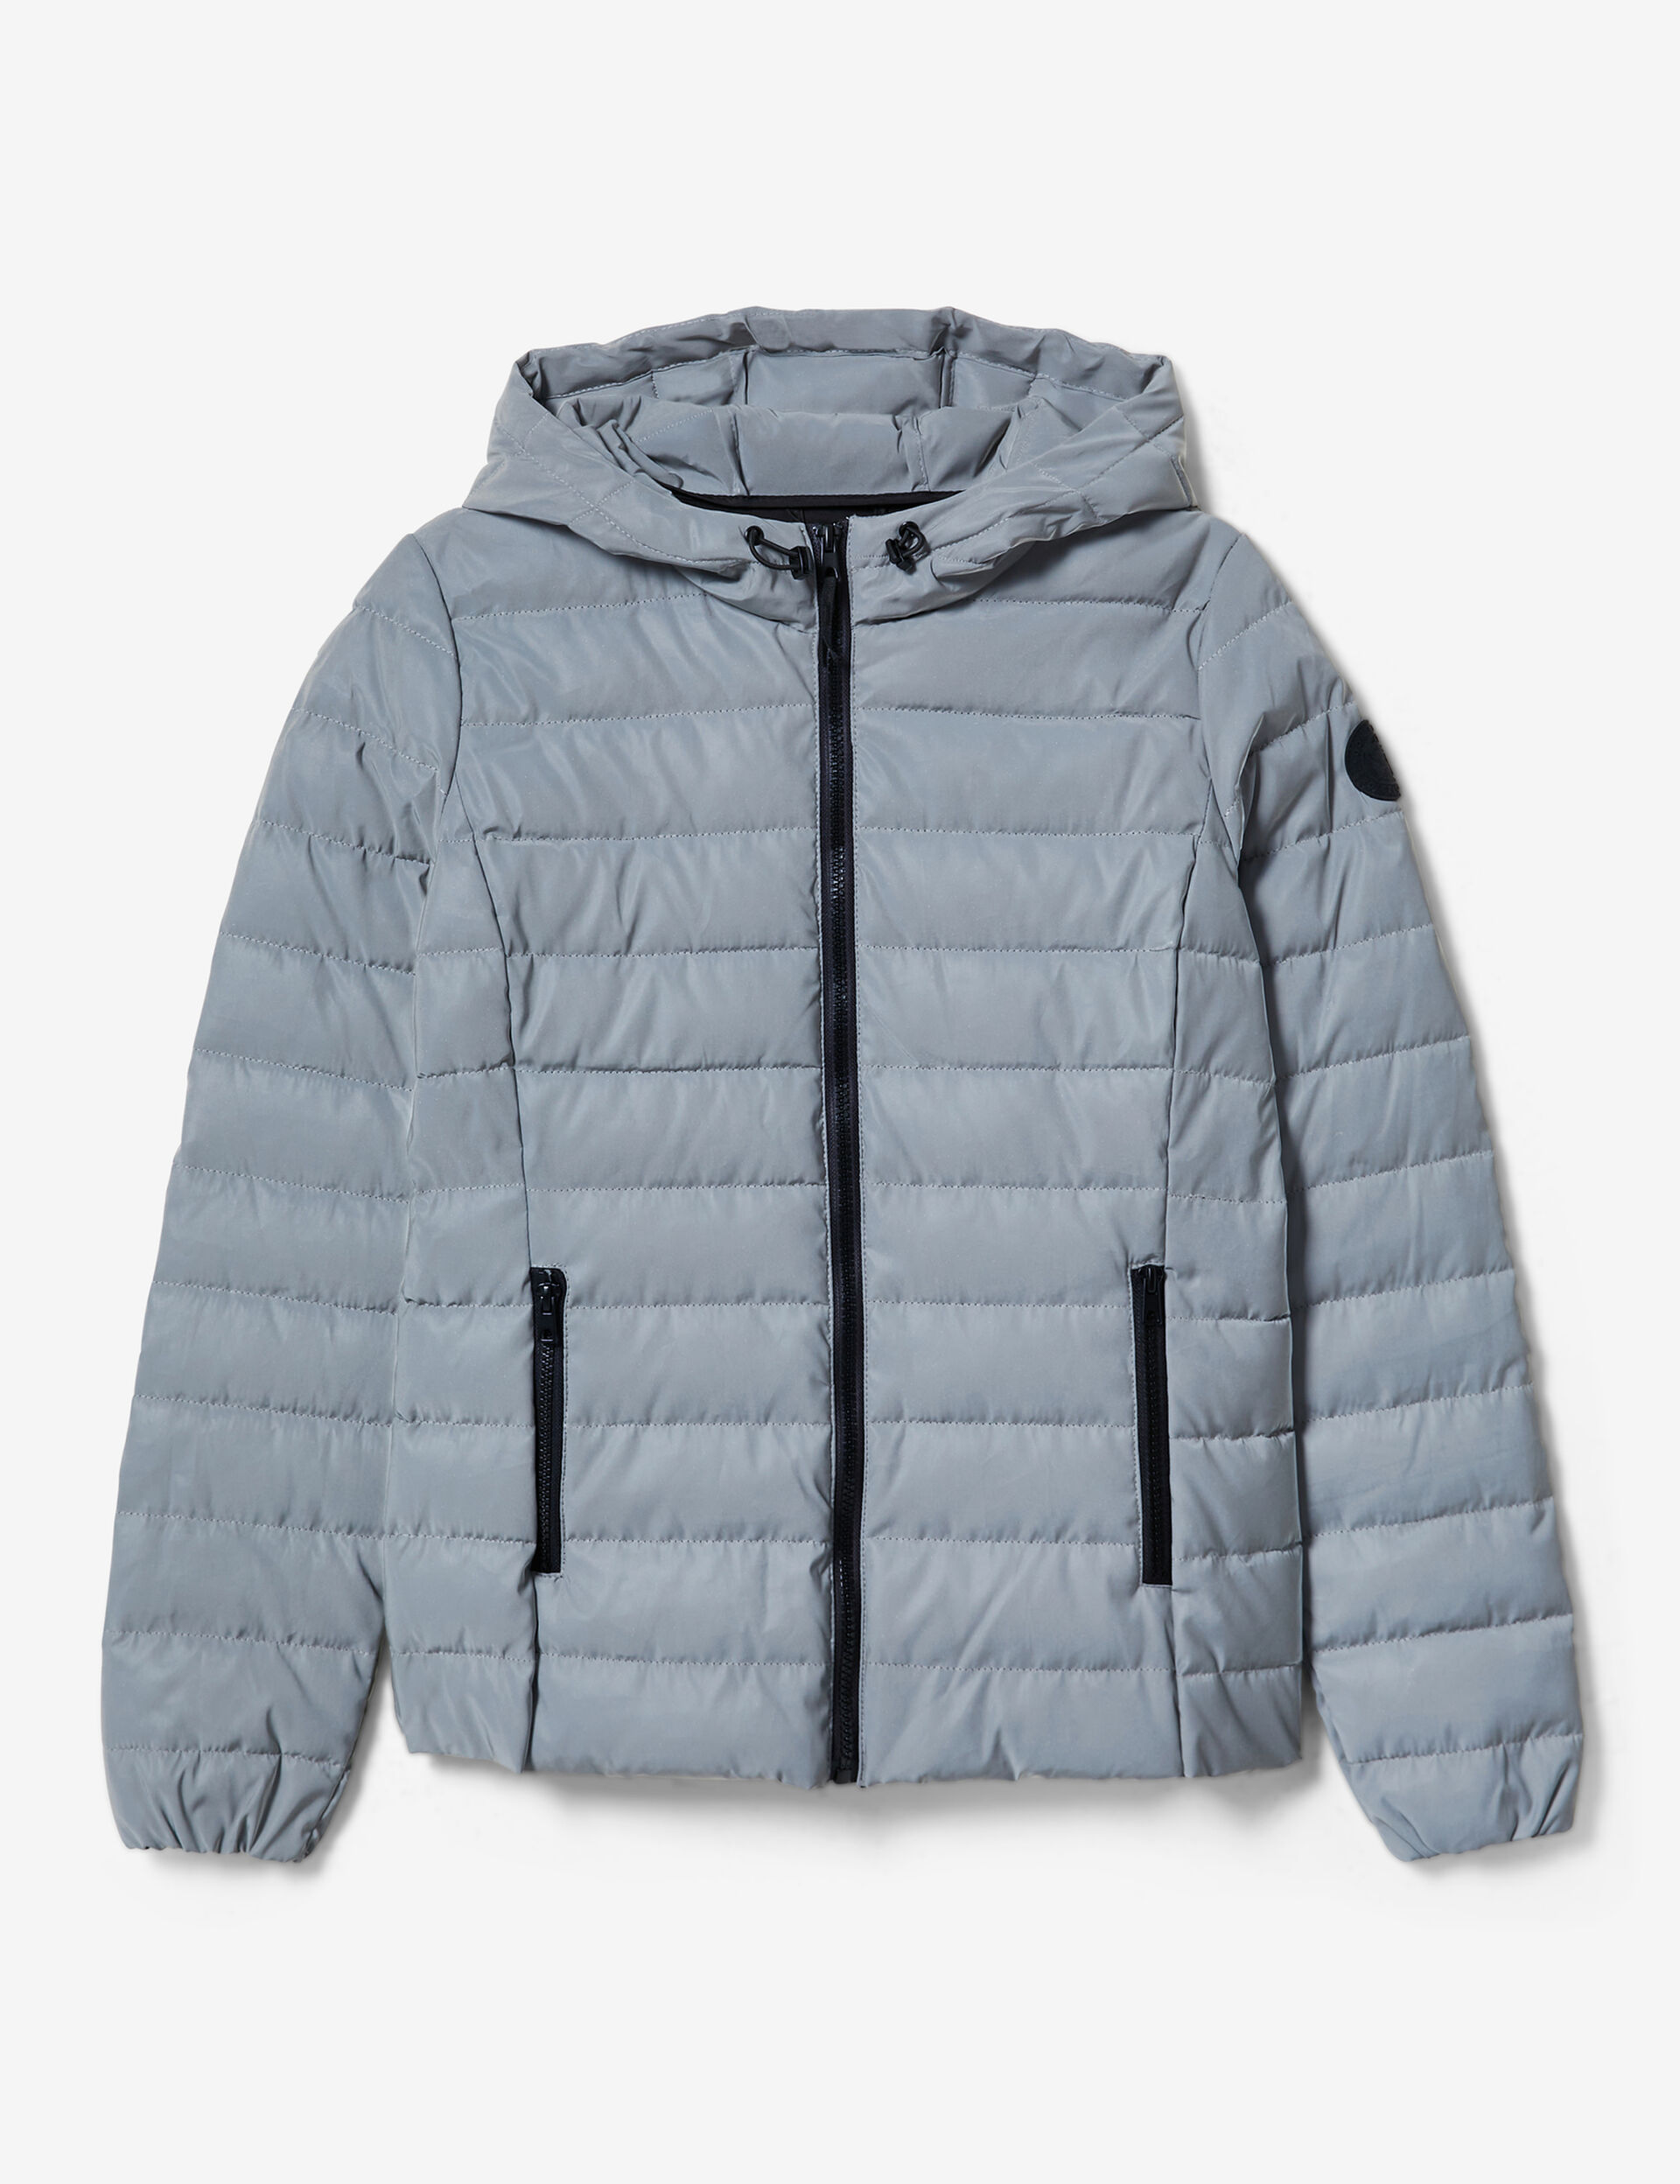 Reflective padded jacket